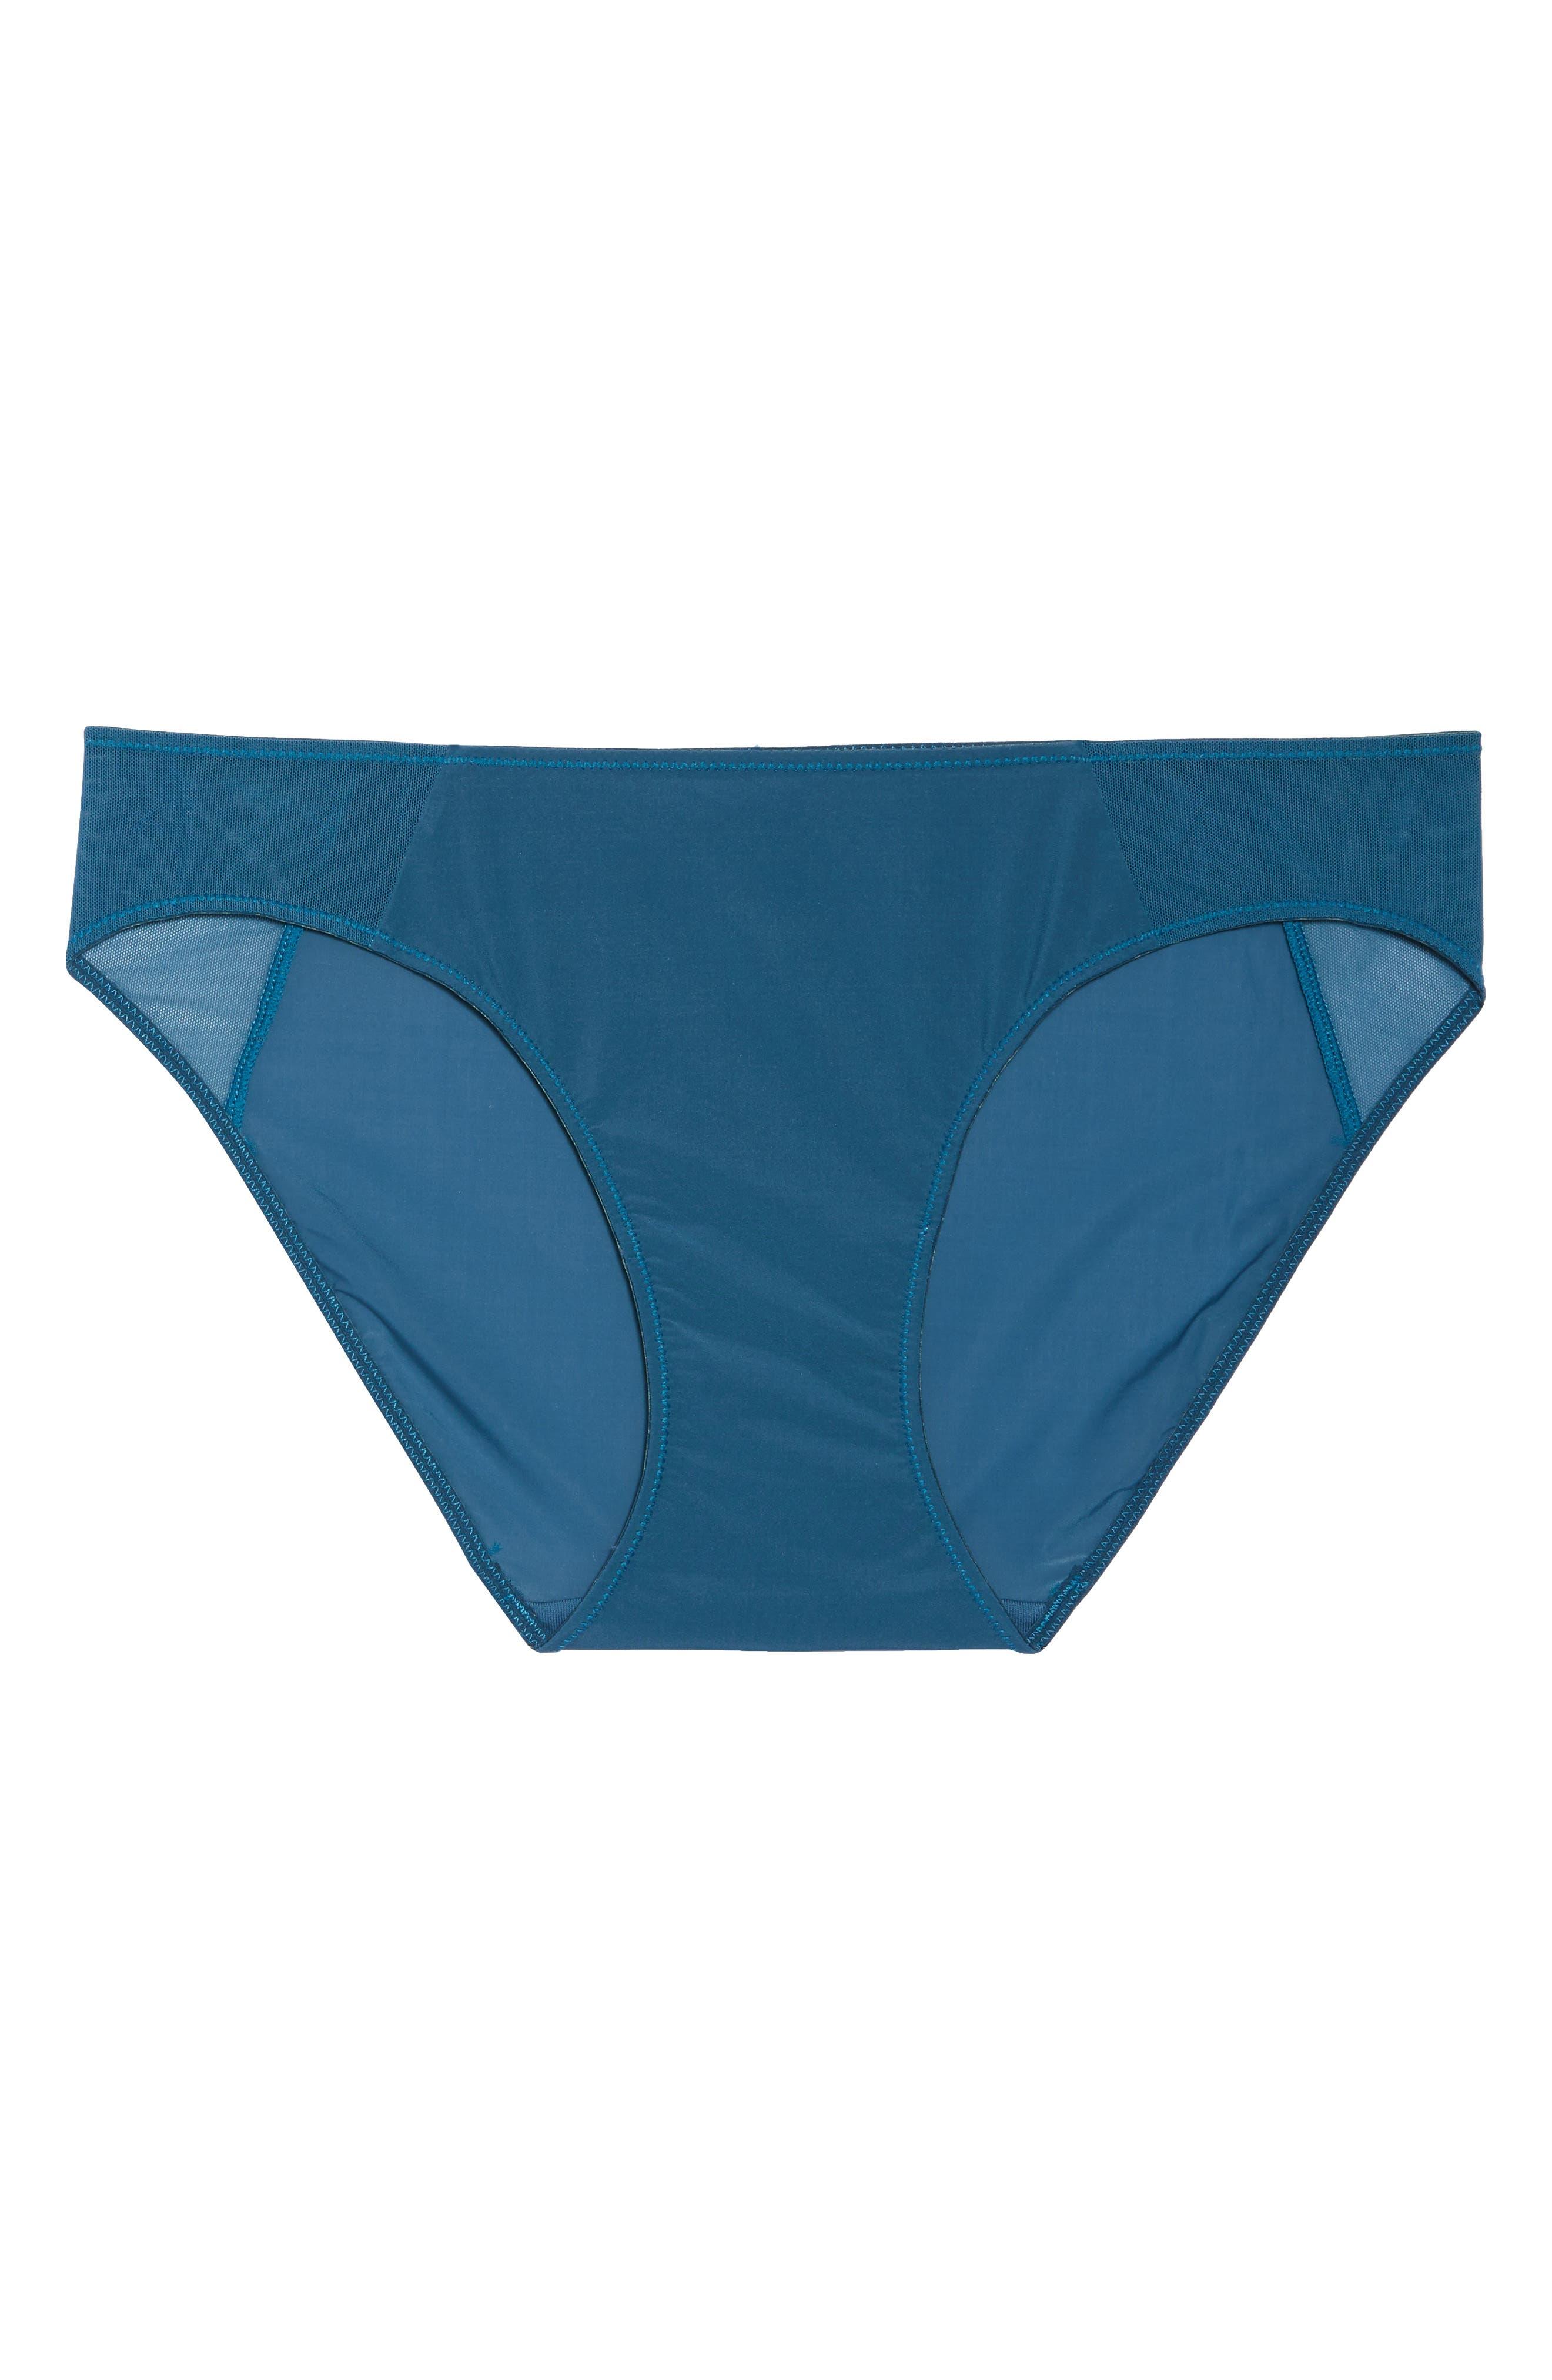 Mesh Trim Bikini,                             Alternate thumbnail 8, color,                             Blue Hematite